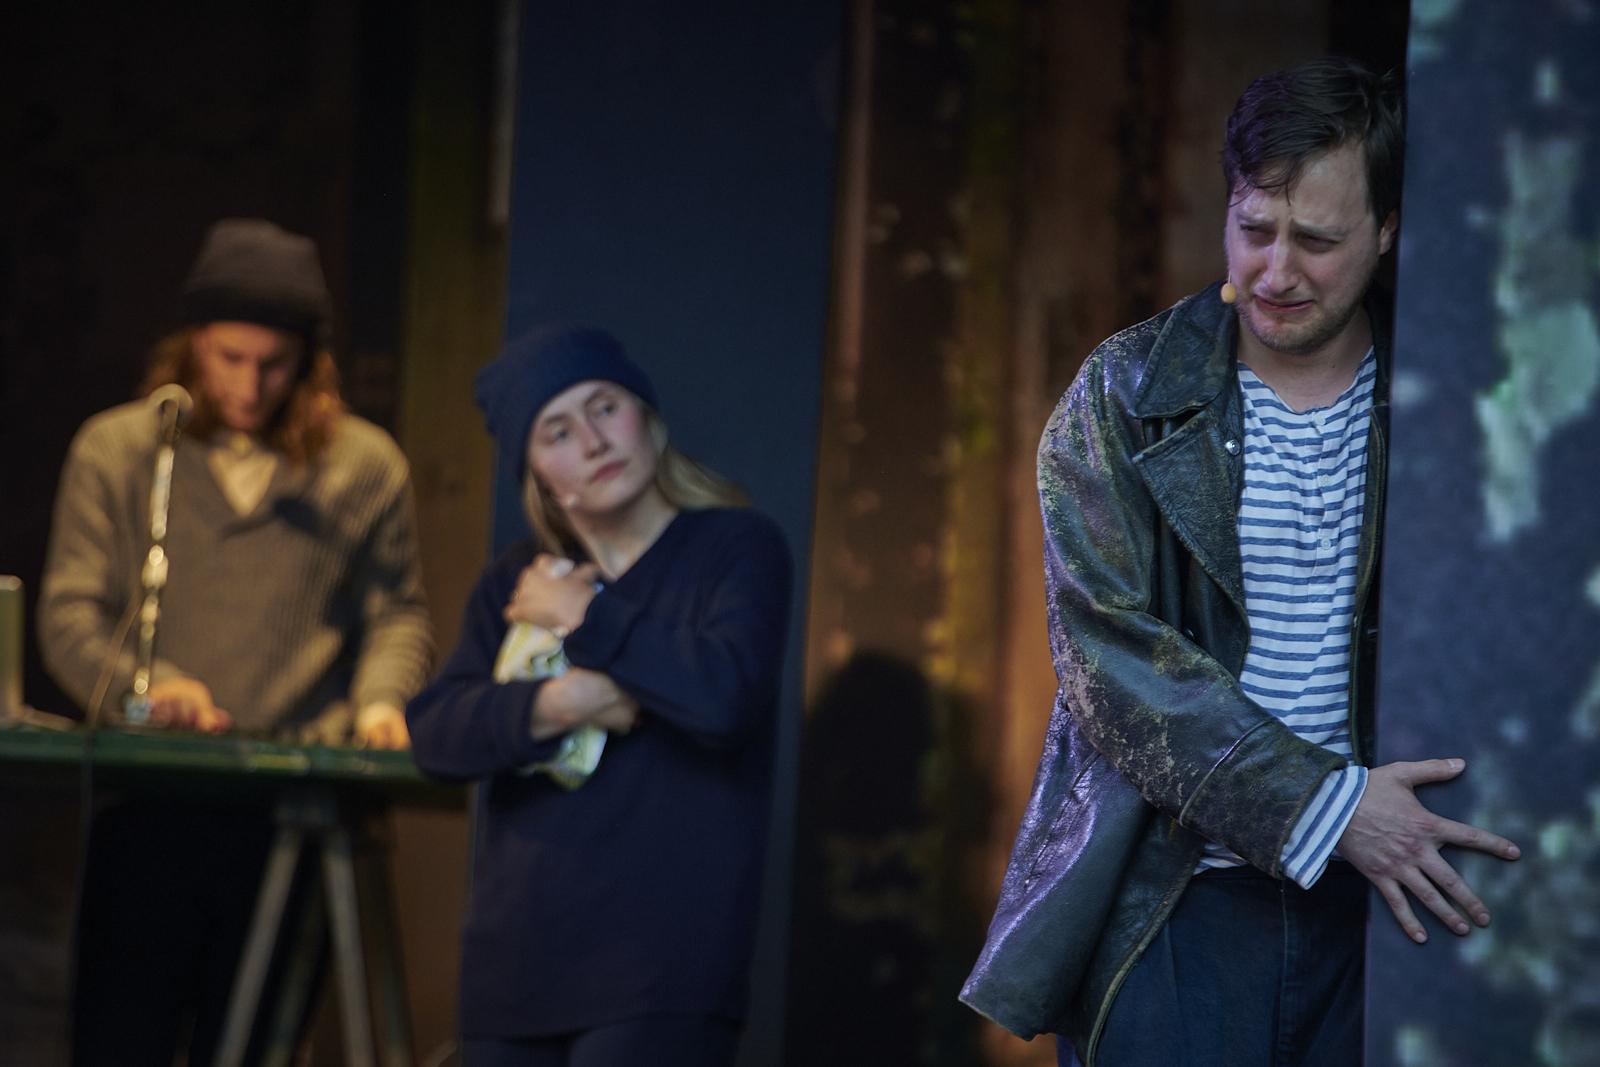 Mirko Näger-Guckeisen, Nina Wolf, Luca Füchtenkordt